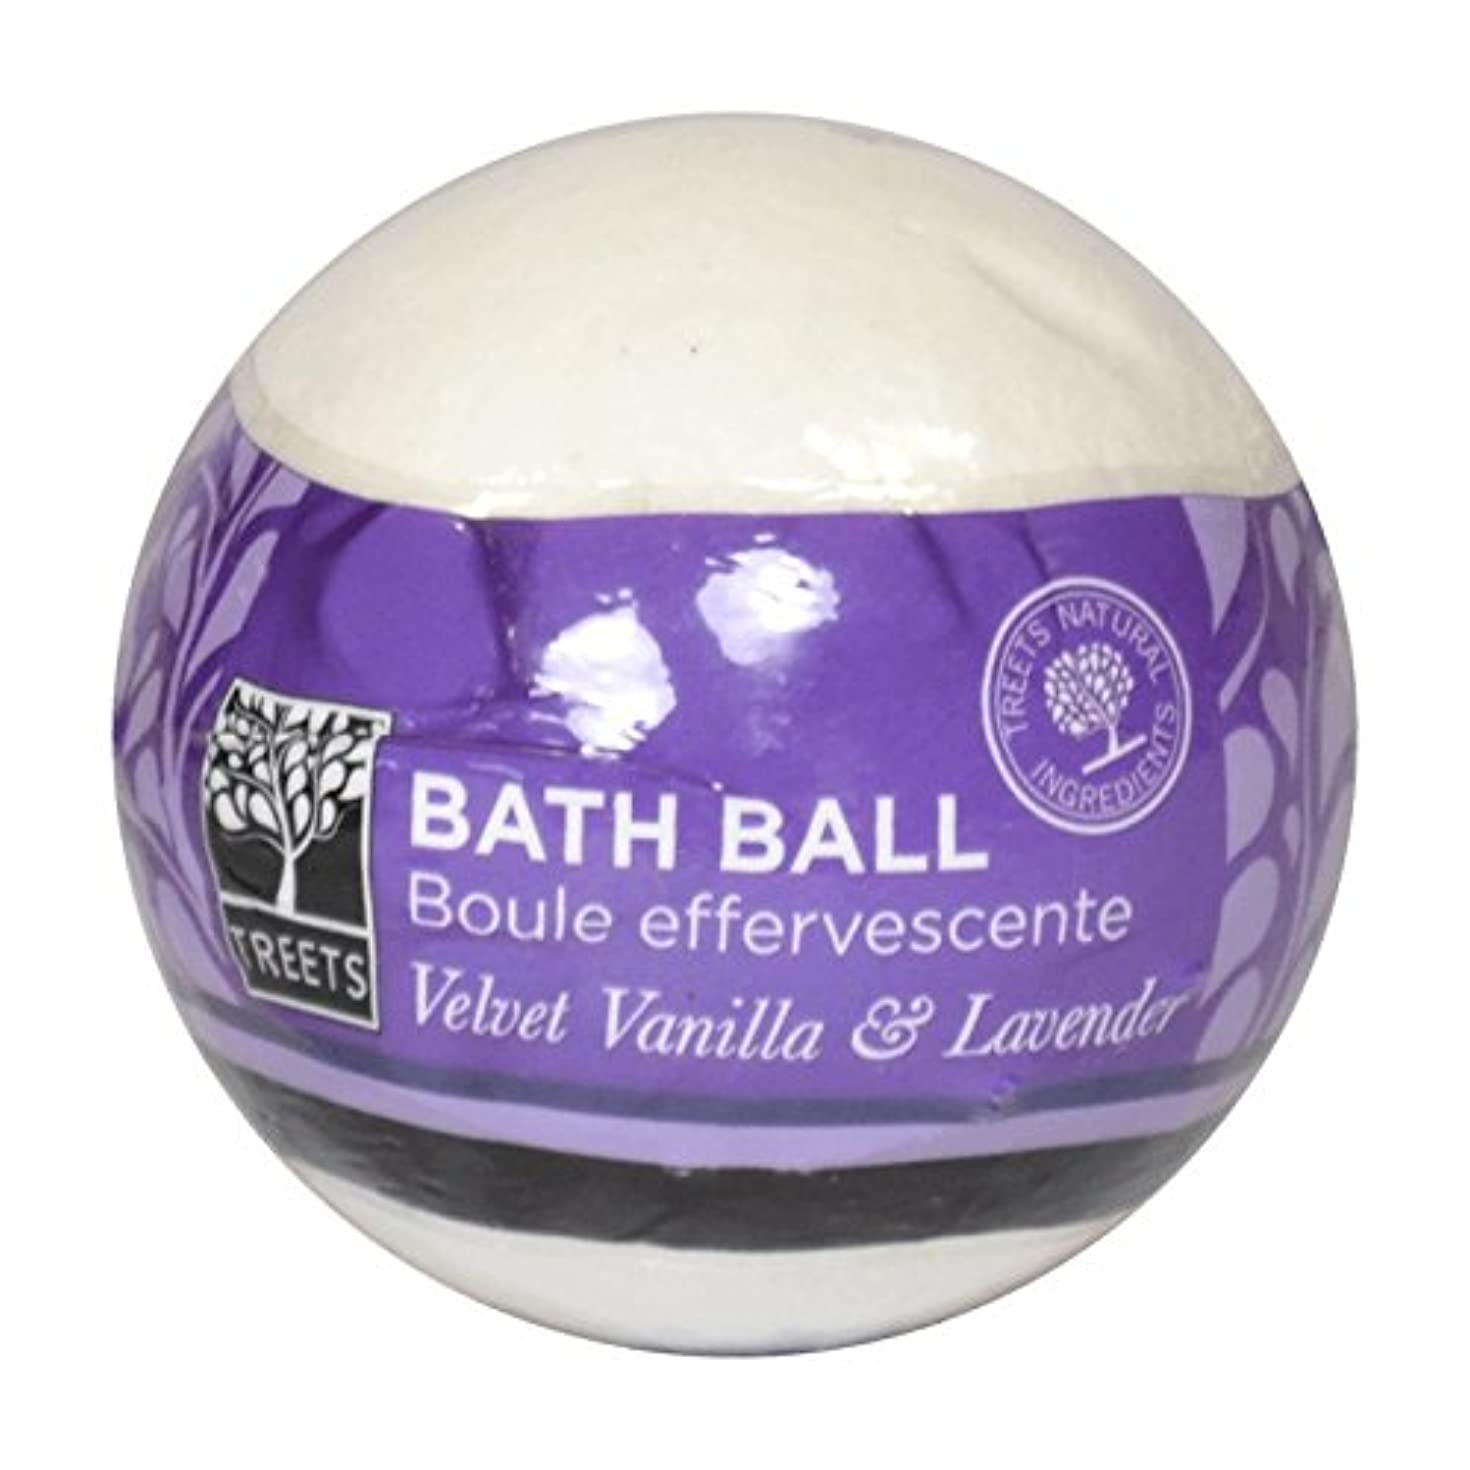 分子いわゆるシンジケートTreetsベルベットのバニラ&ラベンダーバスボール - Treets Velvet Vanilla & Lavender Bath Ball (Treets) [並行輸入品]